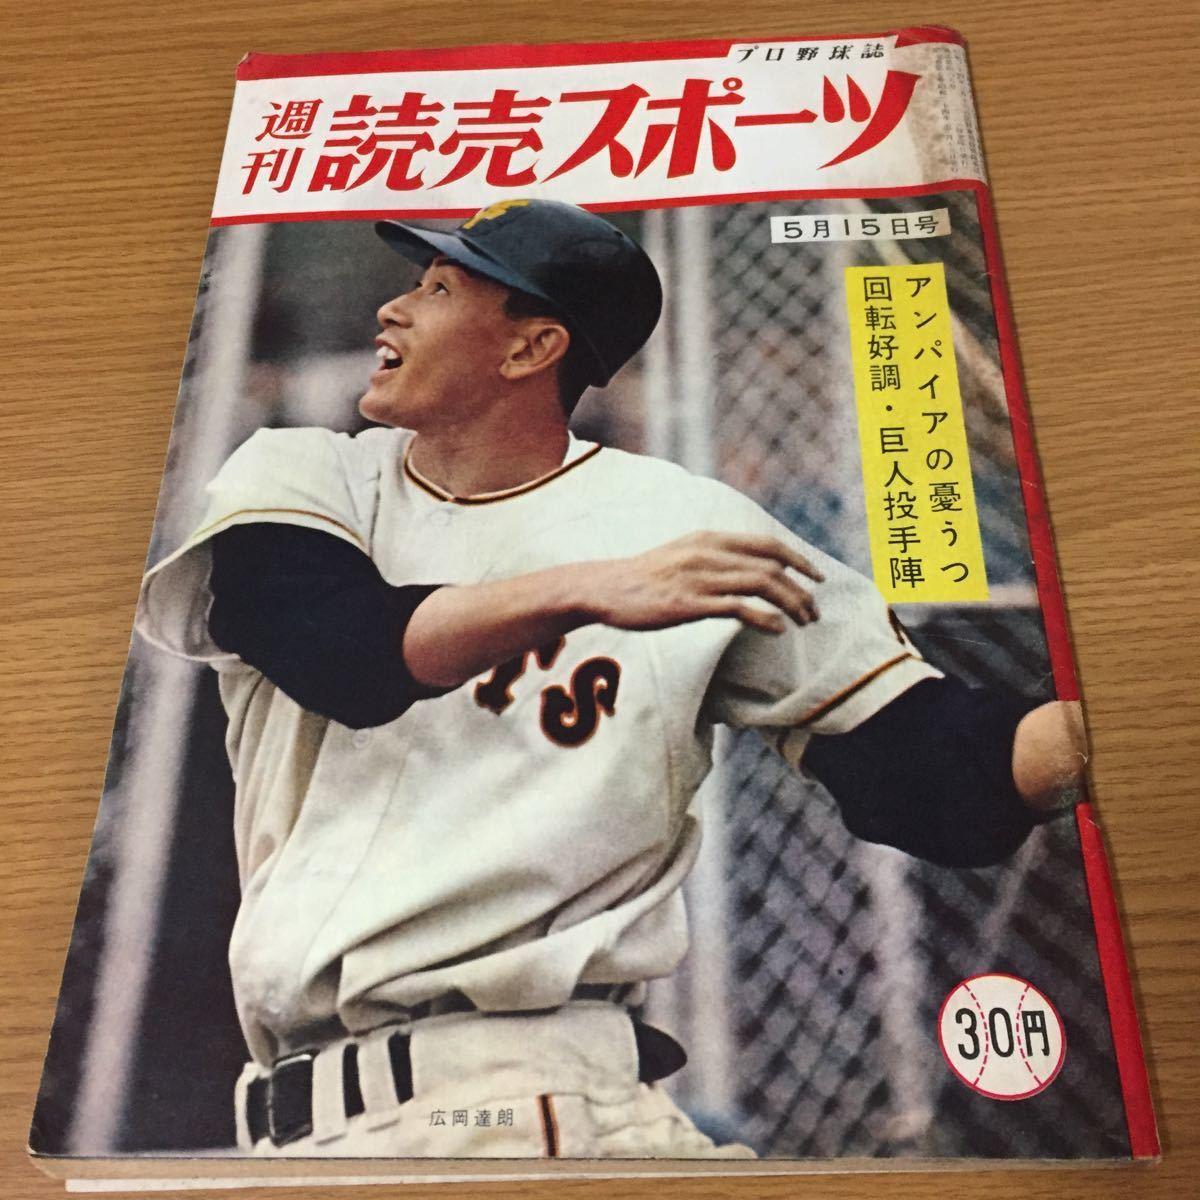 当時物 週刊読売スポーツ プロ野球誌 1959年(昭和34年)5月15日発行 野球 巨人 アンパイアの憂うつ_画像1